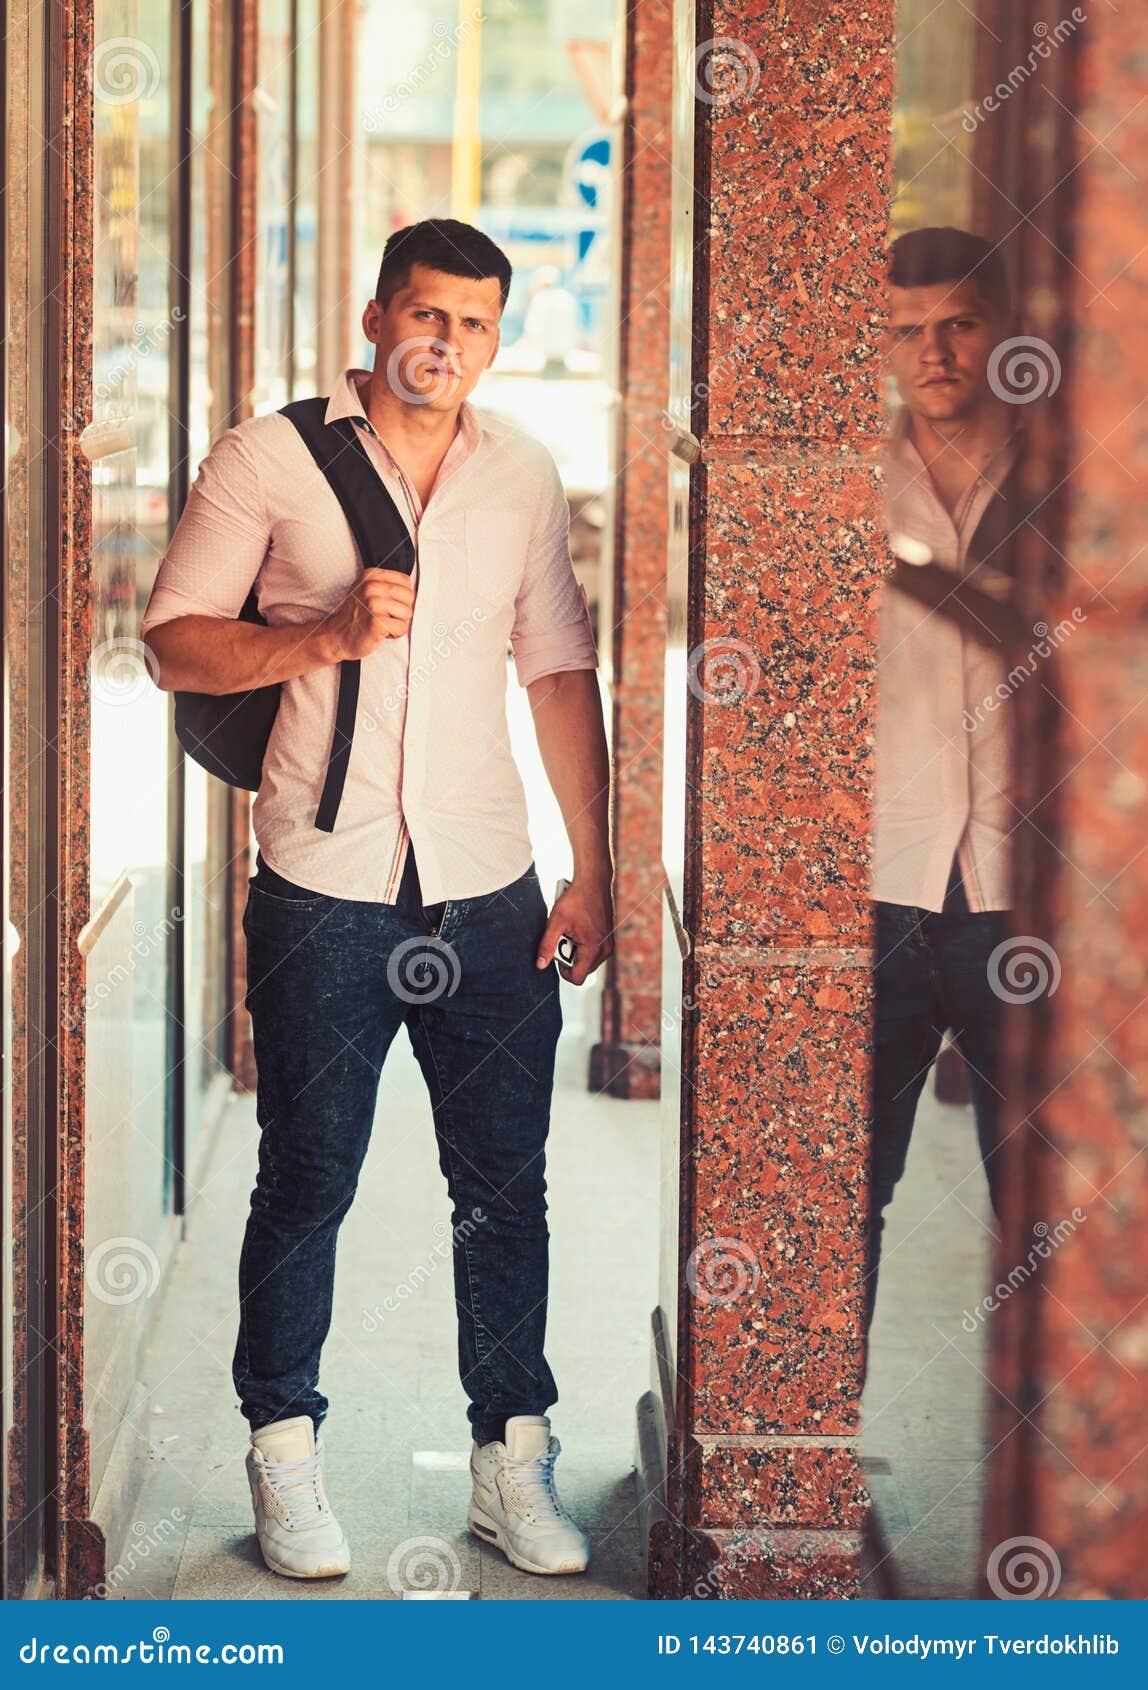 Mann mit Reisetasche auf sonnigem im Freien Macho auf moderne Hemd- und Jeansmode Art und Weisebaumuster auf Stra?e stattlich